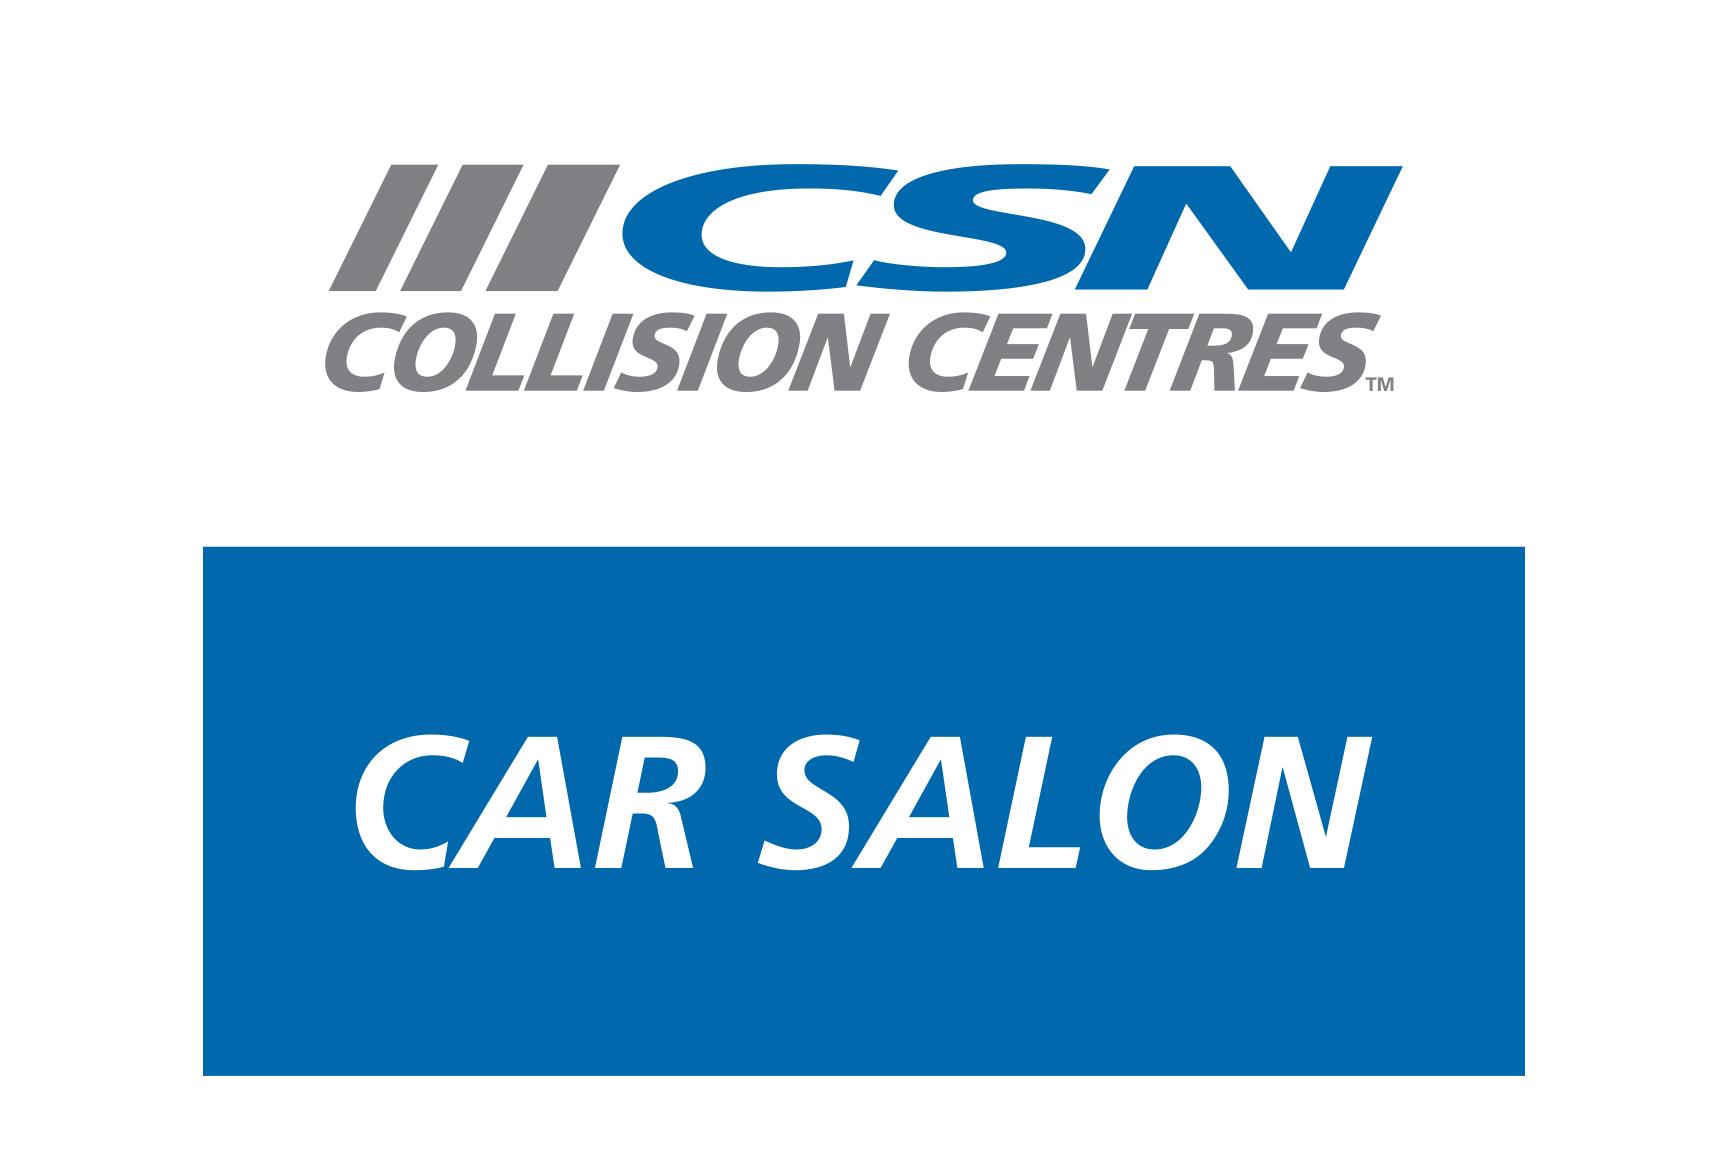 CSN Car Salon Lg Logo